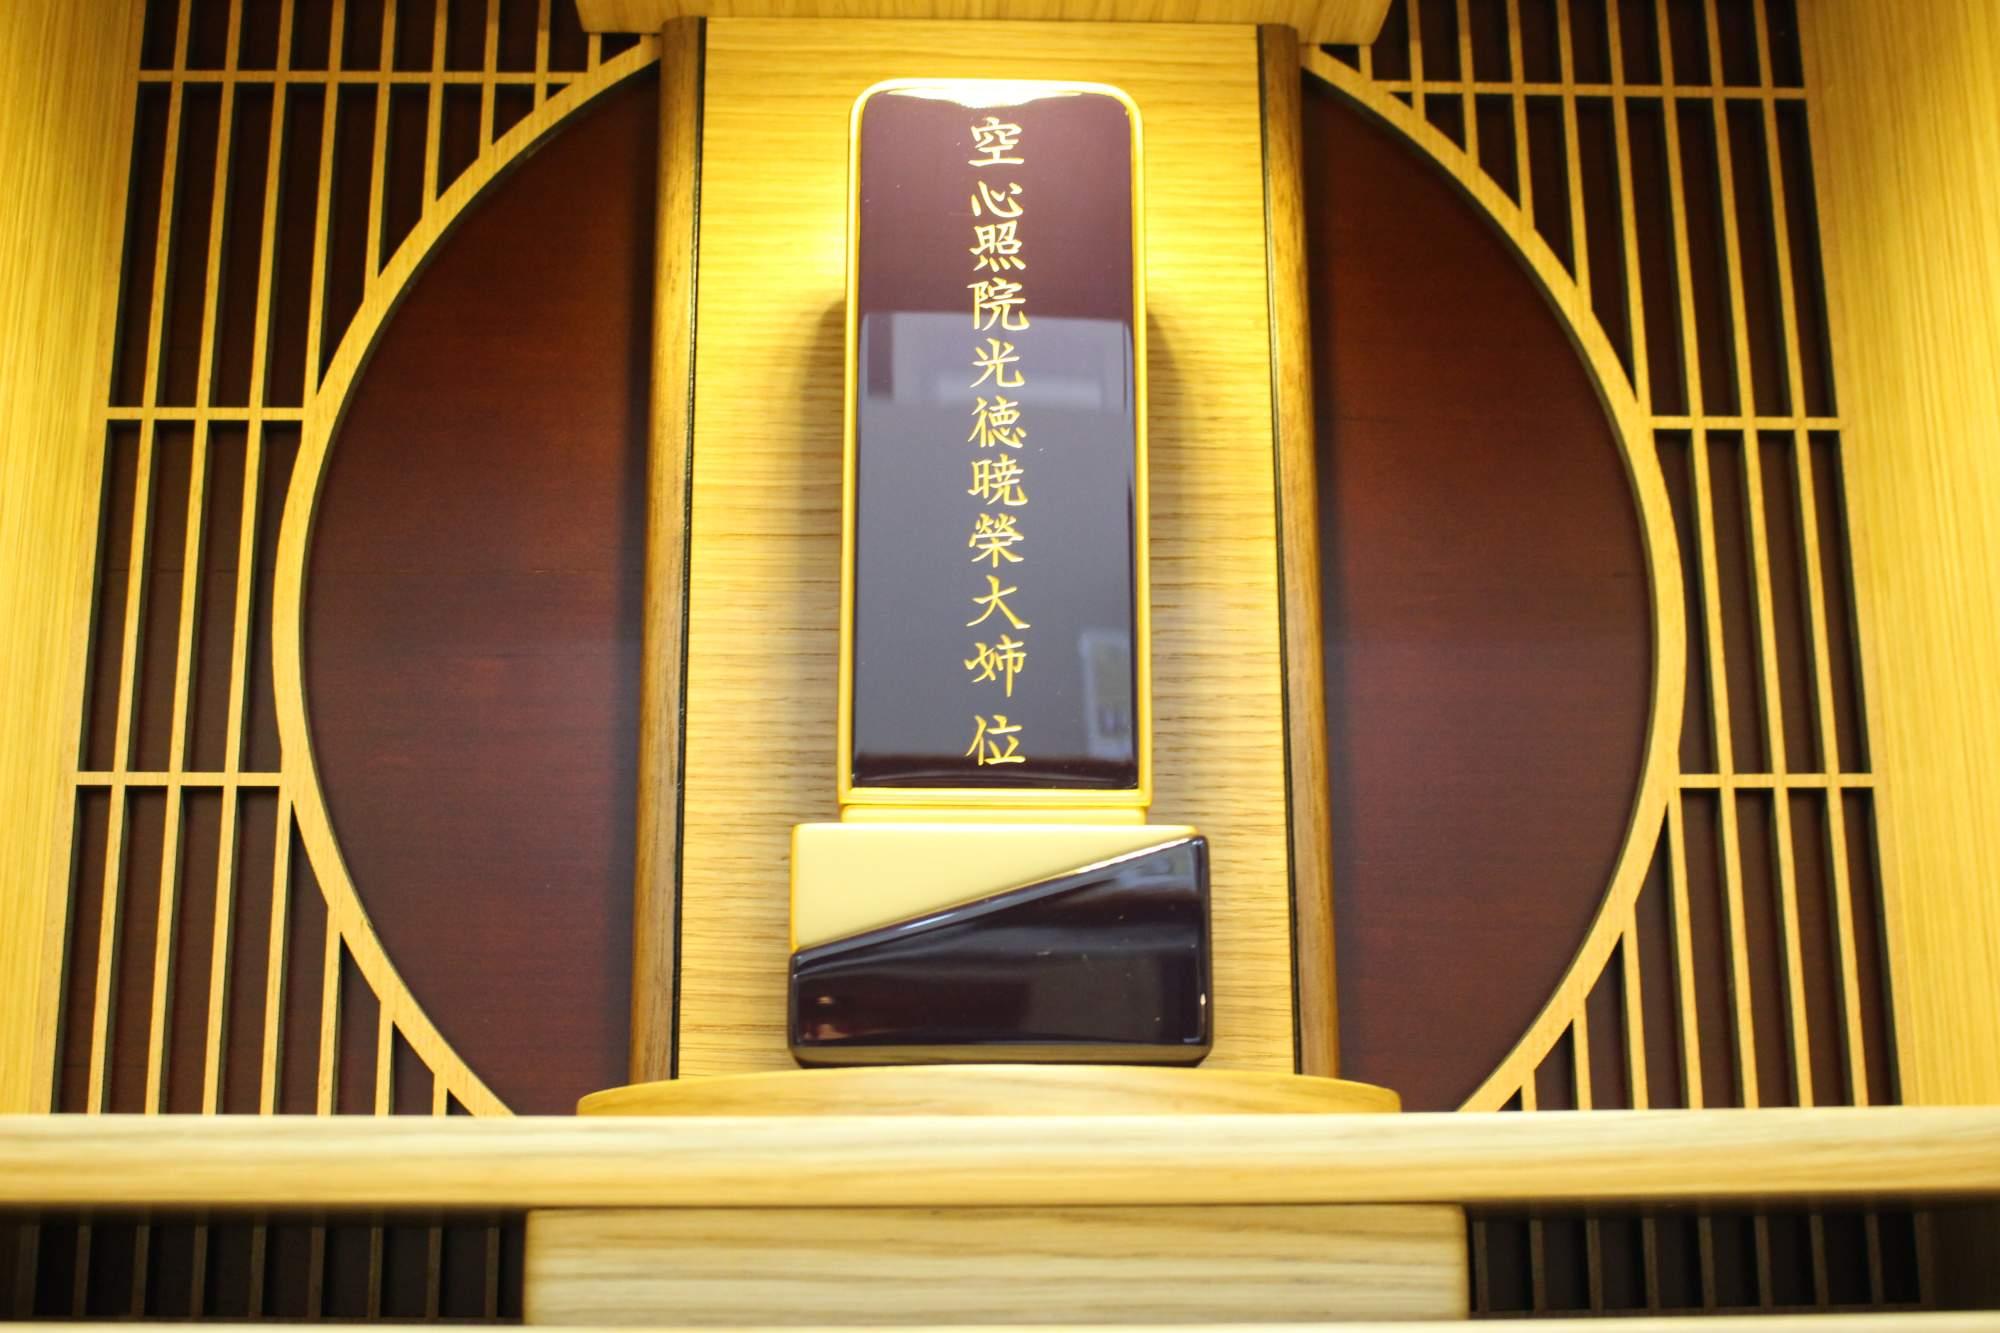 お仏壇に合うお位牌を選ぶ